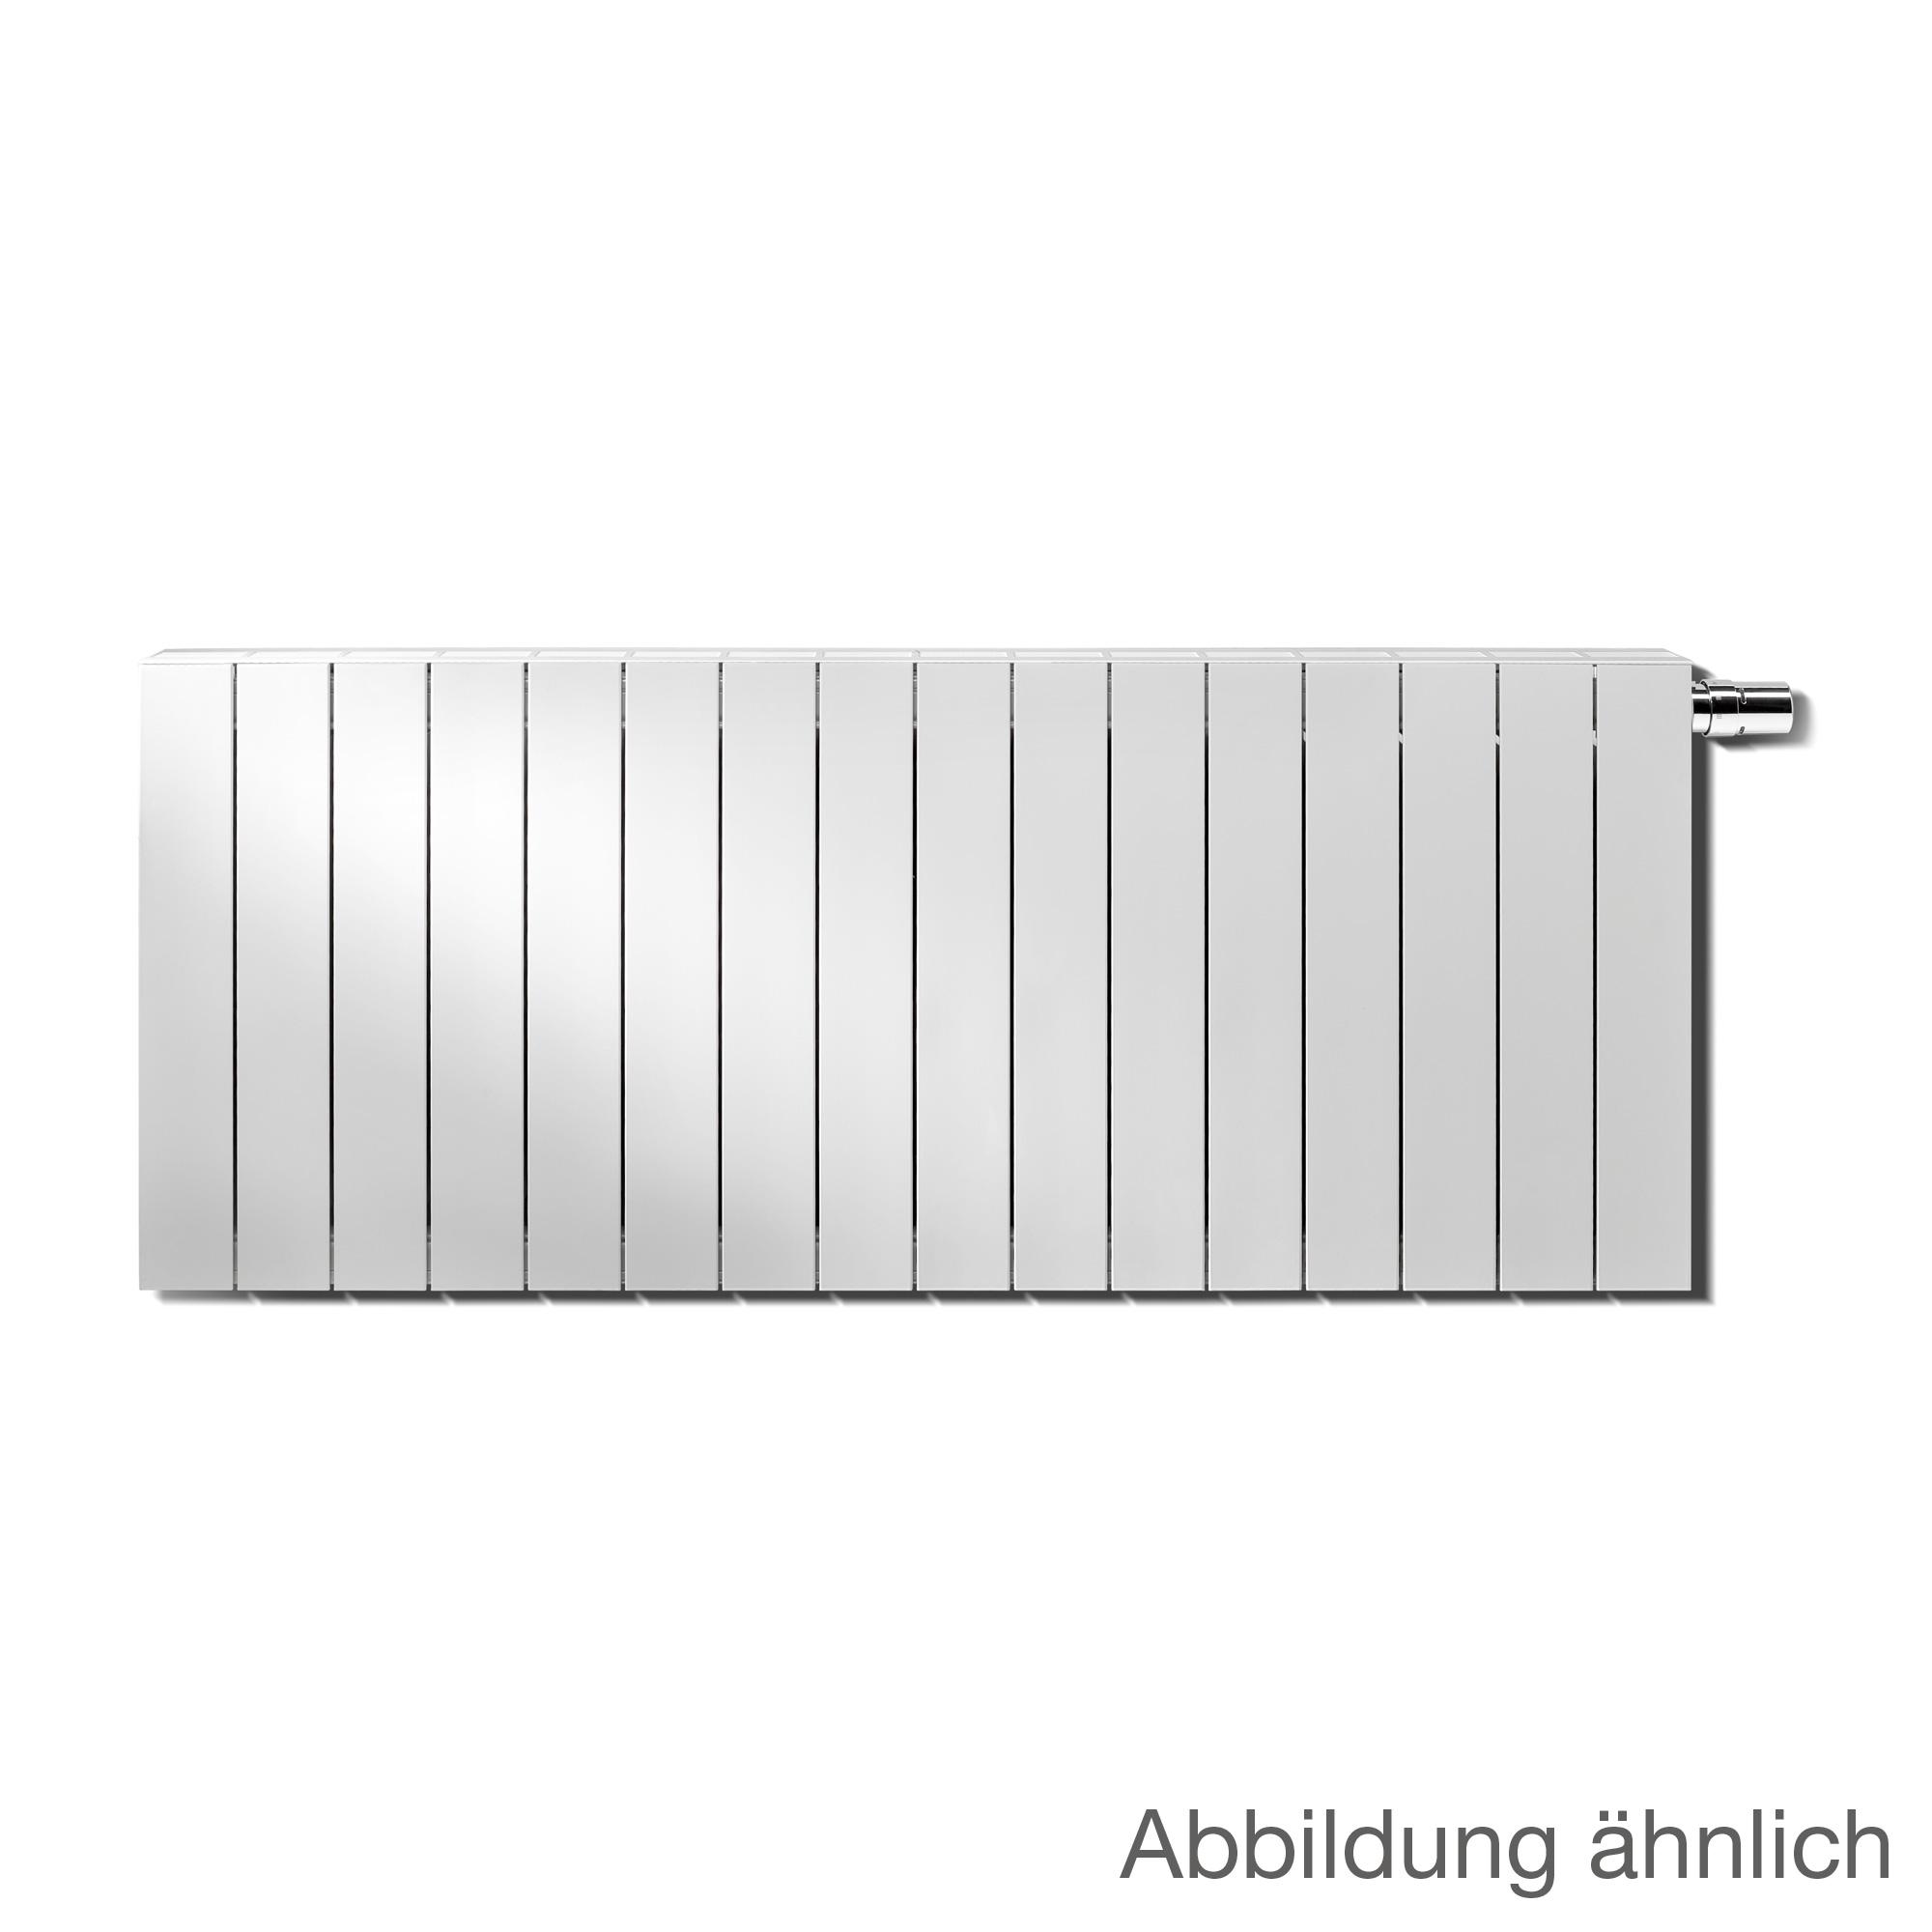 vasco zaros h100 horizontal heizk rper mit integriertem. Black Bedroom Furniture Sets. Home Design Ideas